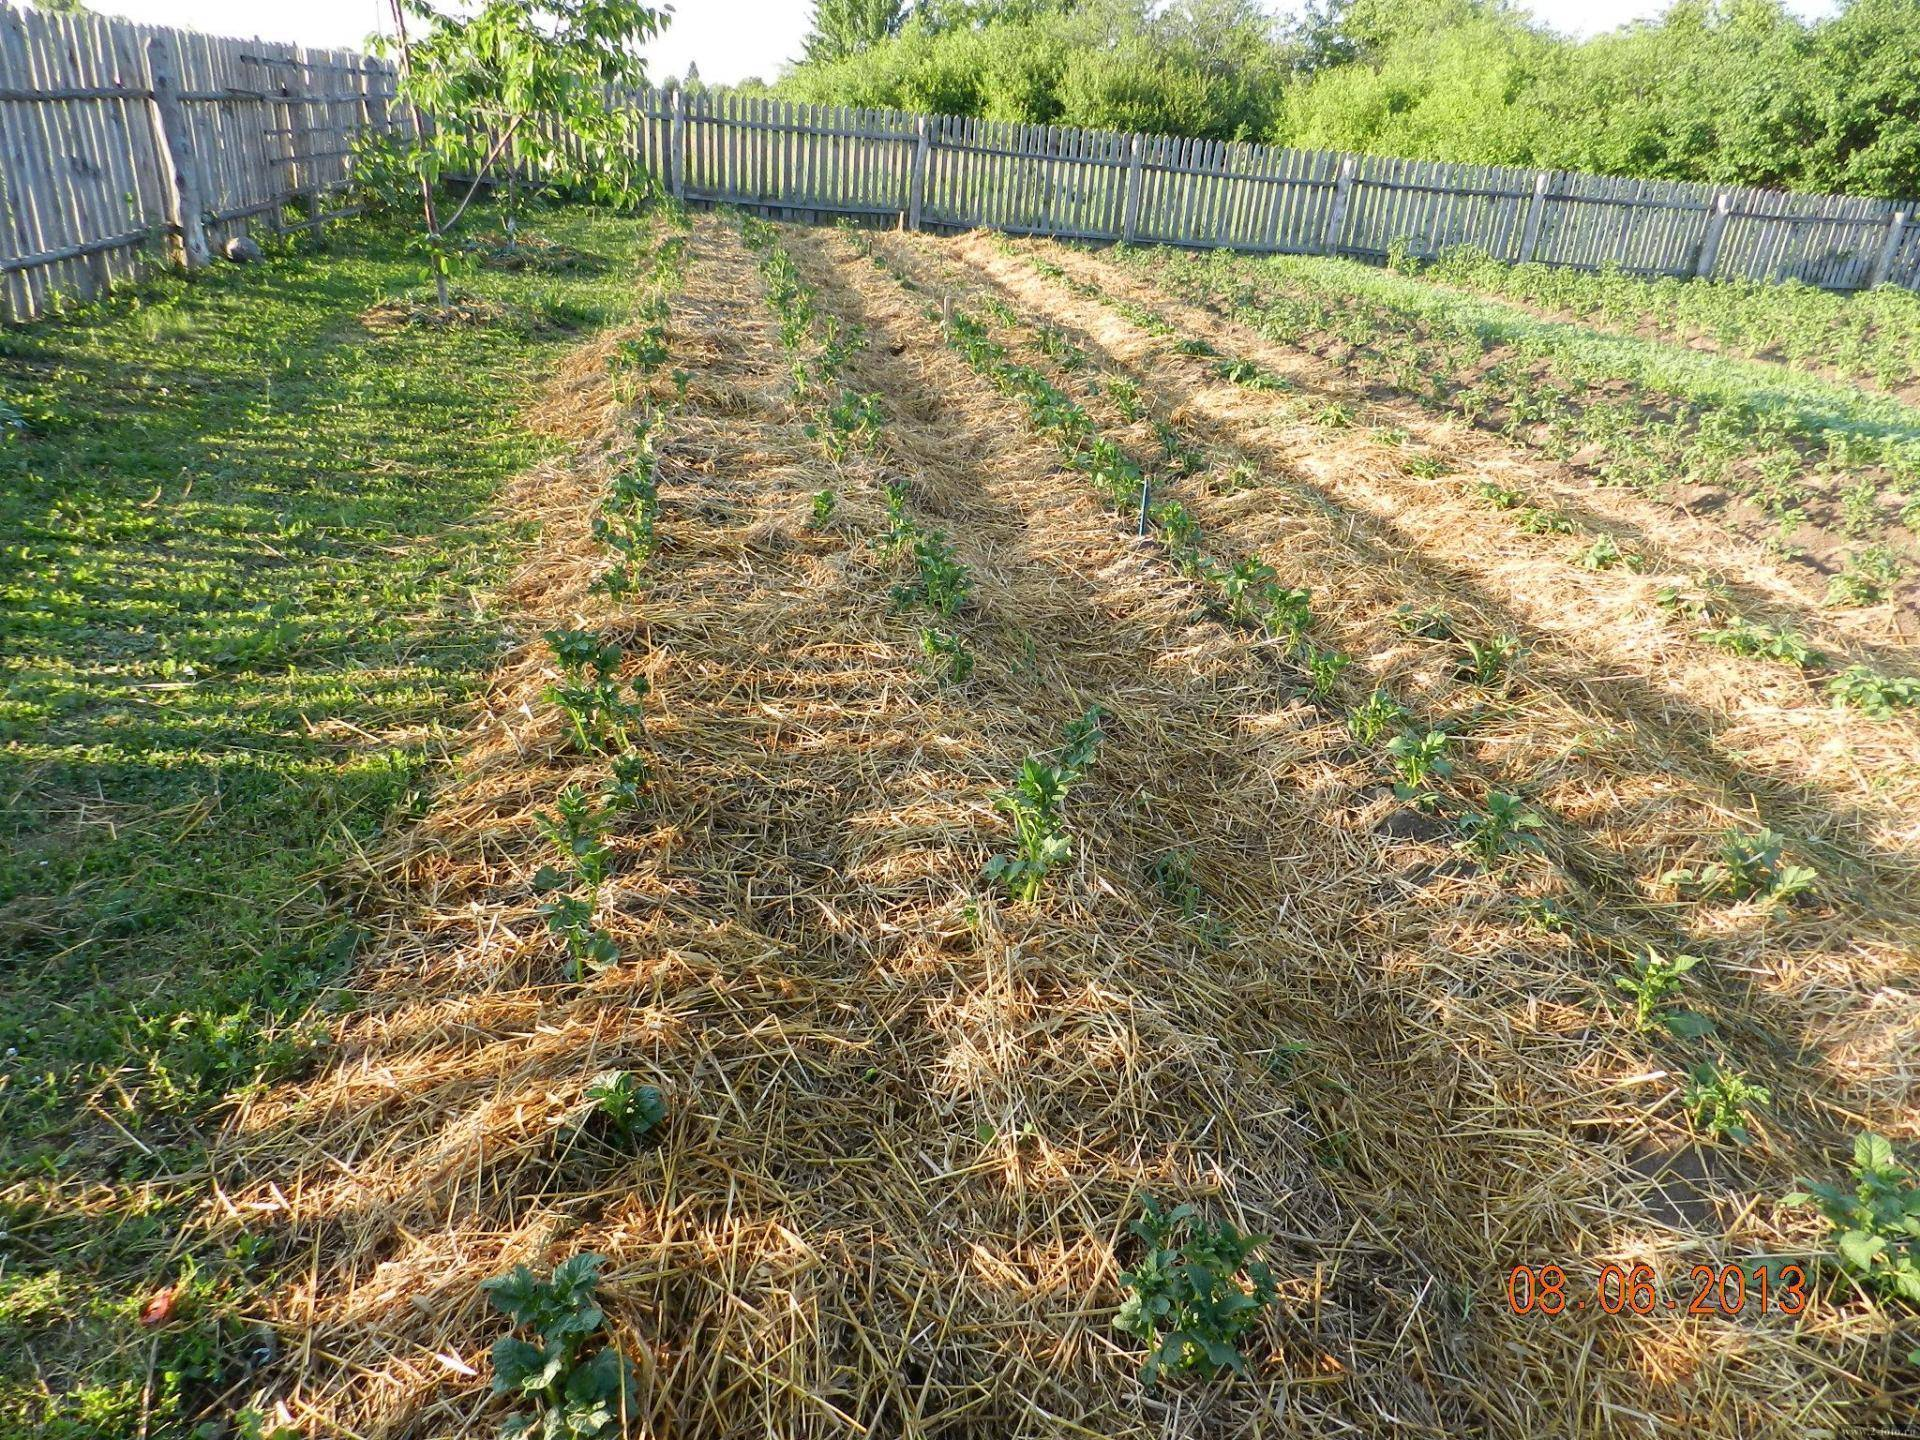 Голландская технология выращивания картофеля: увеличение урожая картофеля в 2 раза